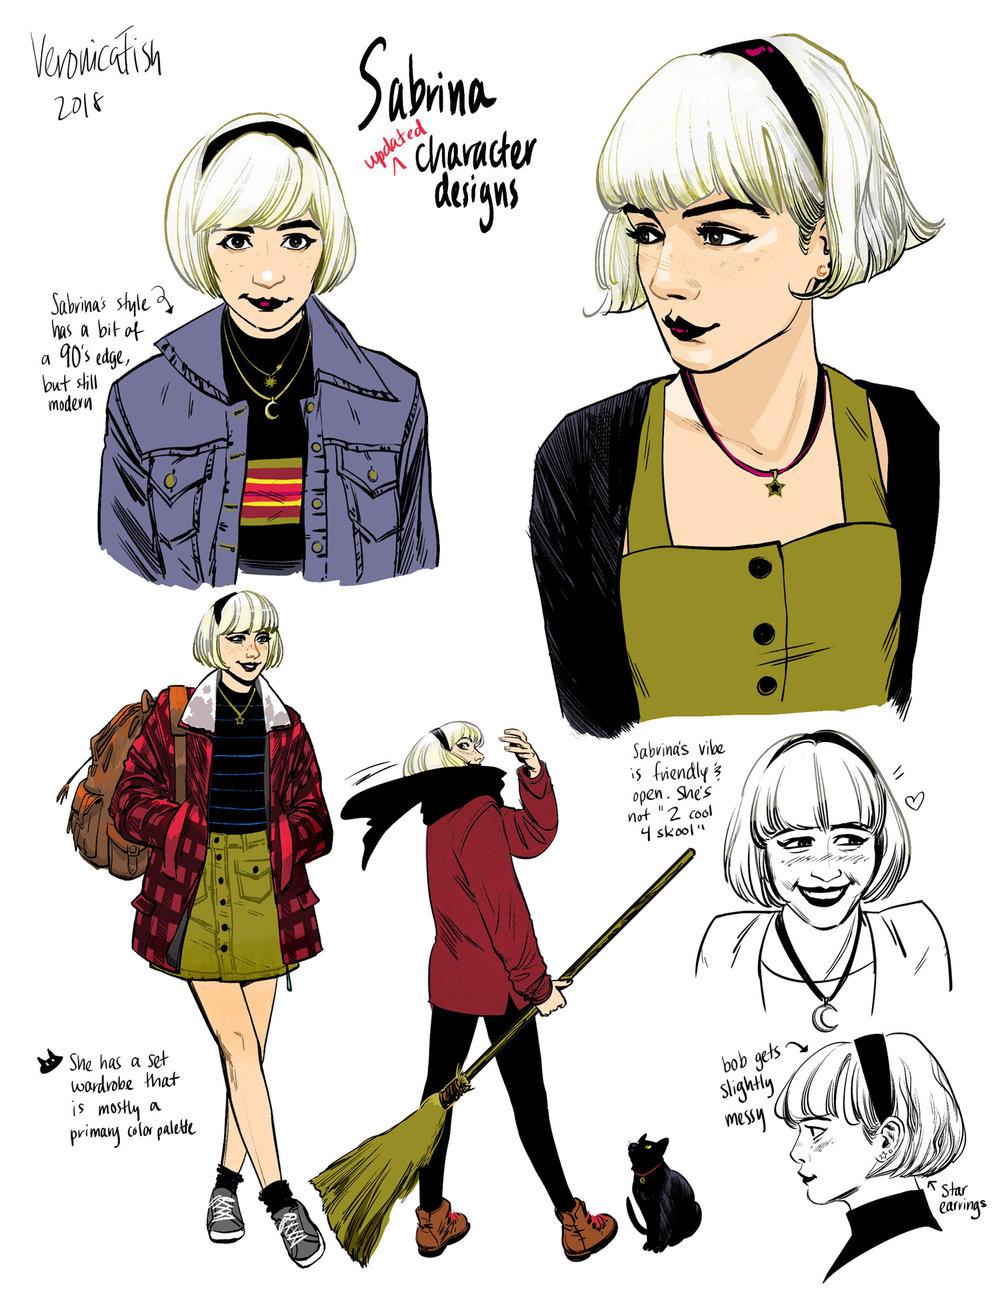 Sabrina_sketches-1-web.jpg